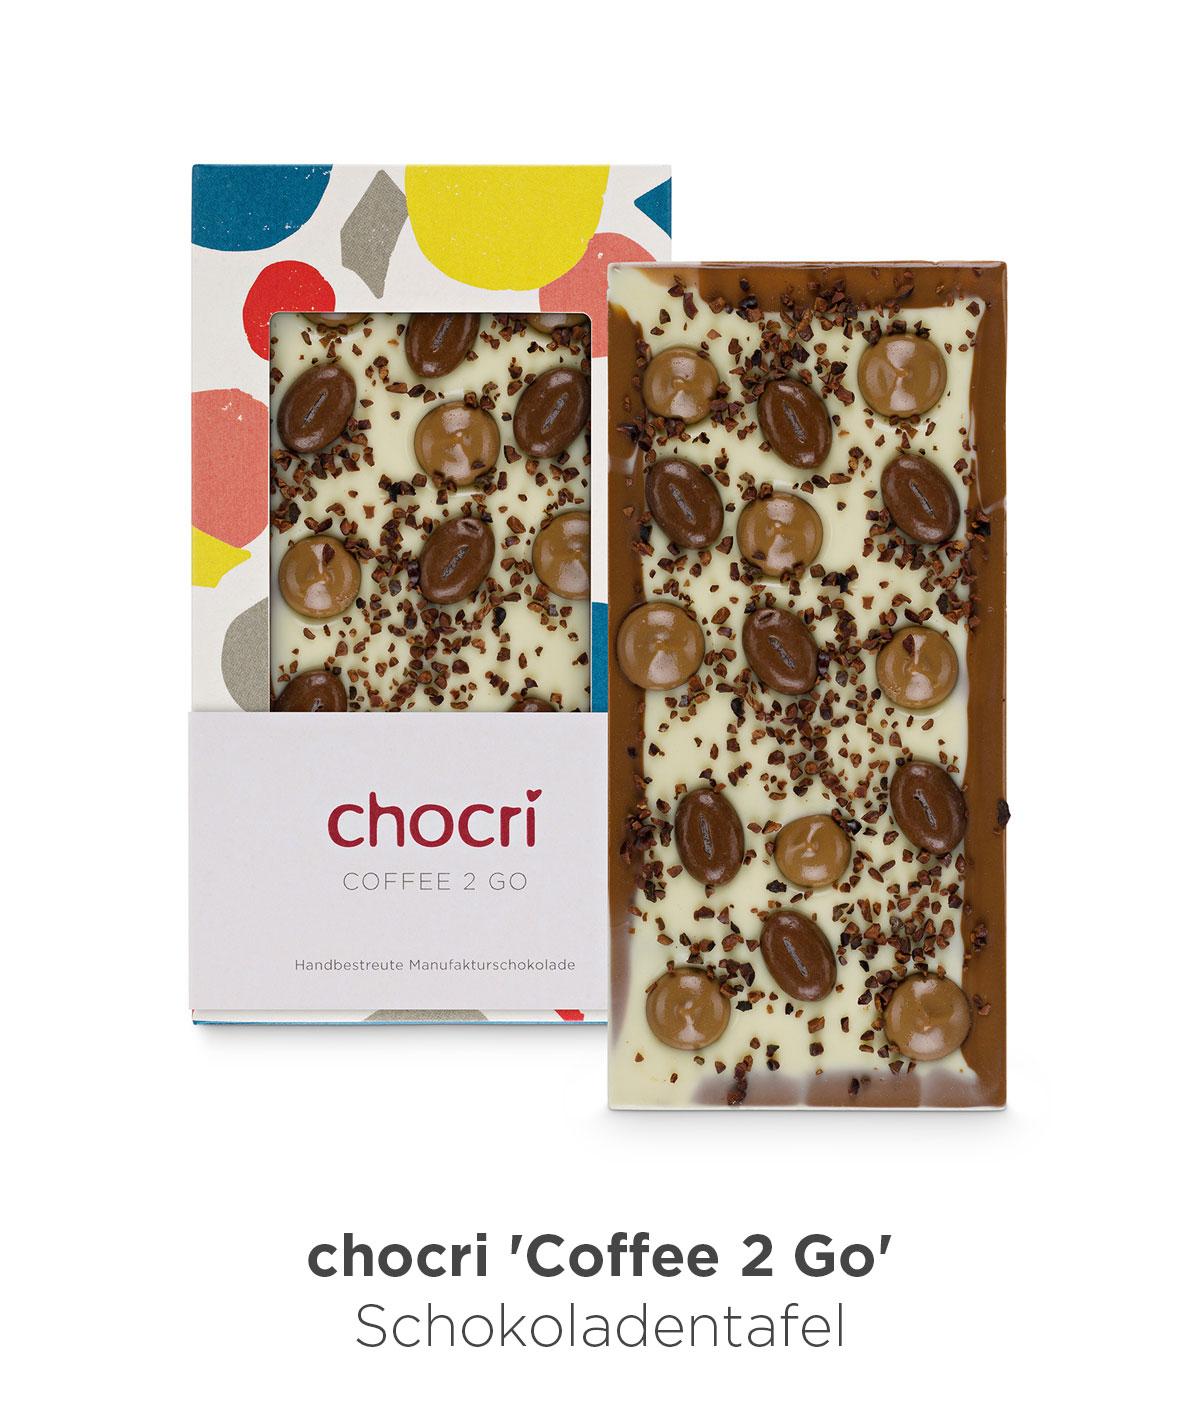 chocri 'Coffe 2 Go' Weiße und Vollmilch Schokoladentafel mit Cappuccino-Schokotropfen, Mokkabohnen und Kakaobohnensplitter